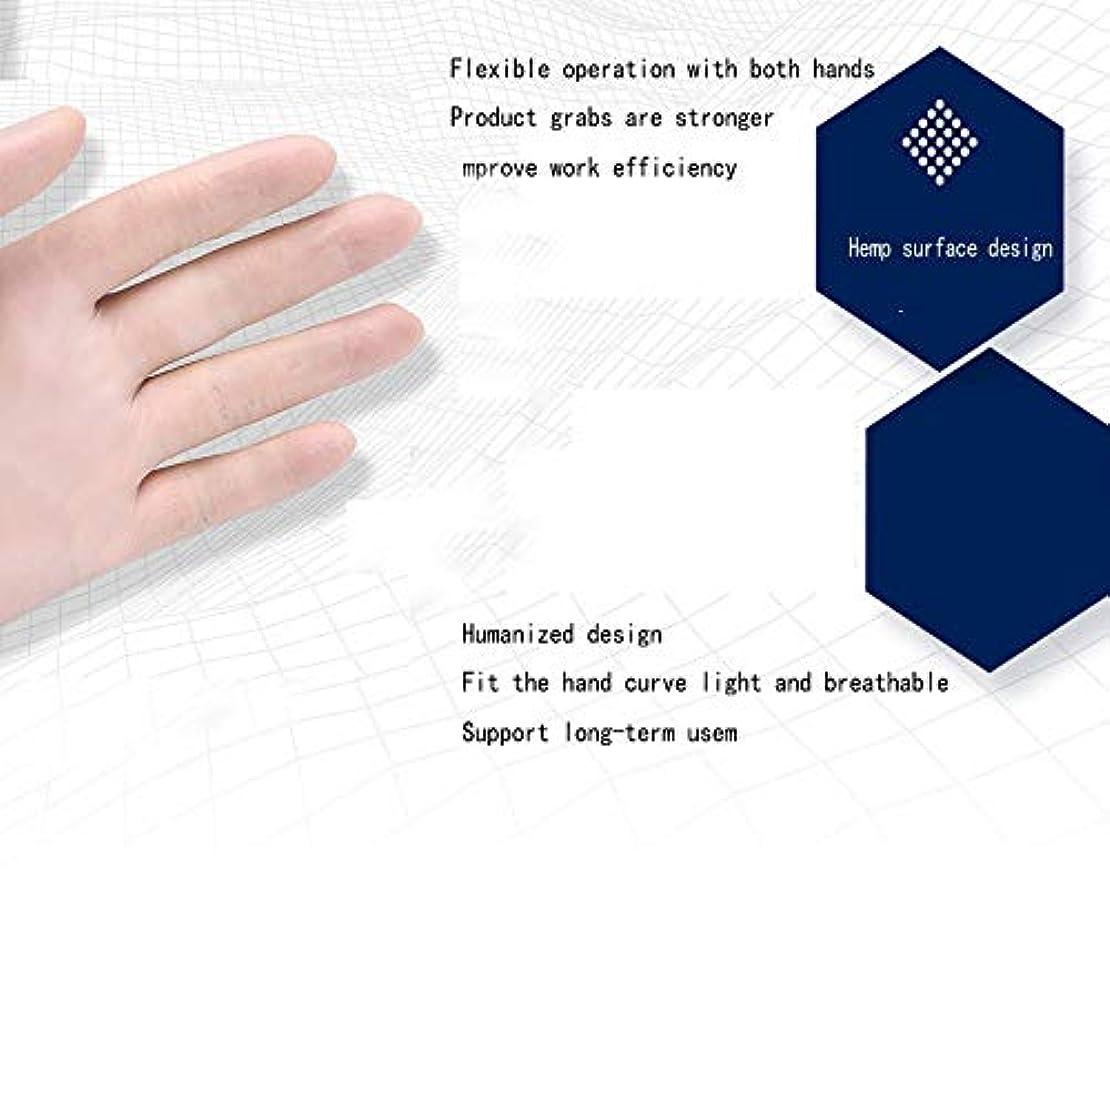 突き出すかける意義Safeguard Nitri Disposable Gloves、パウダーフリー、食品用グローブ、ラテックスフリー、100 Pcサニタリーグローブ (サイズ さいず : S s)